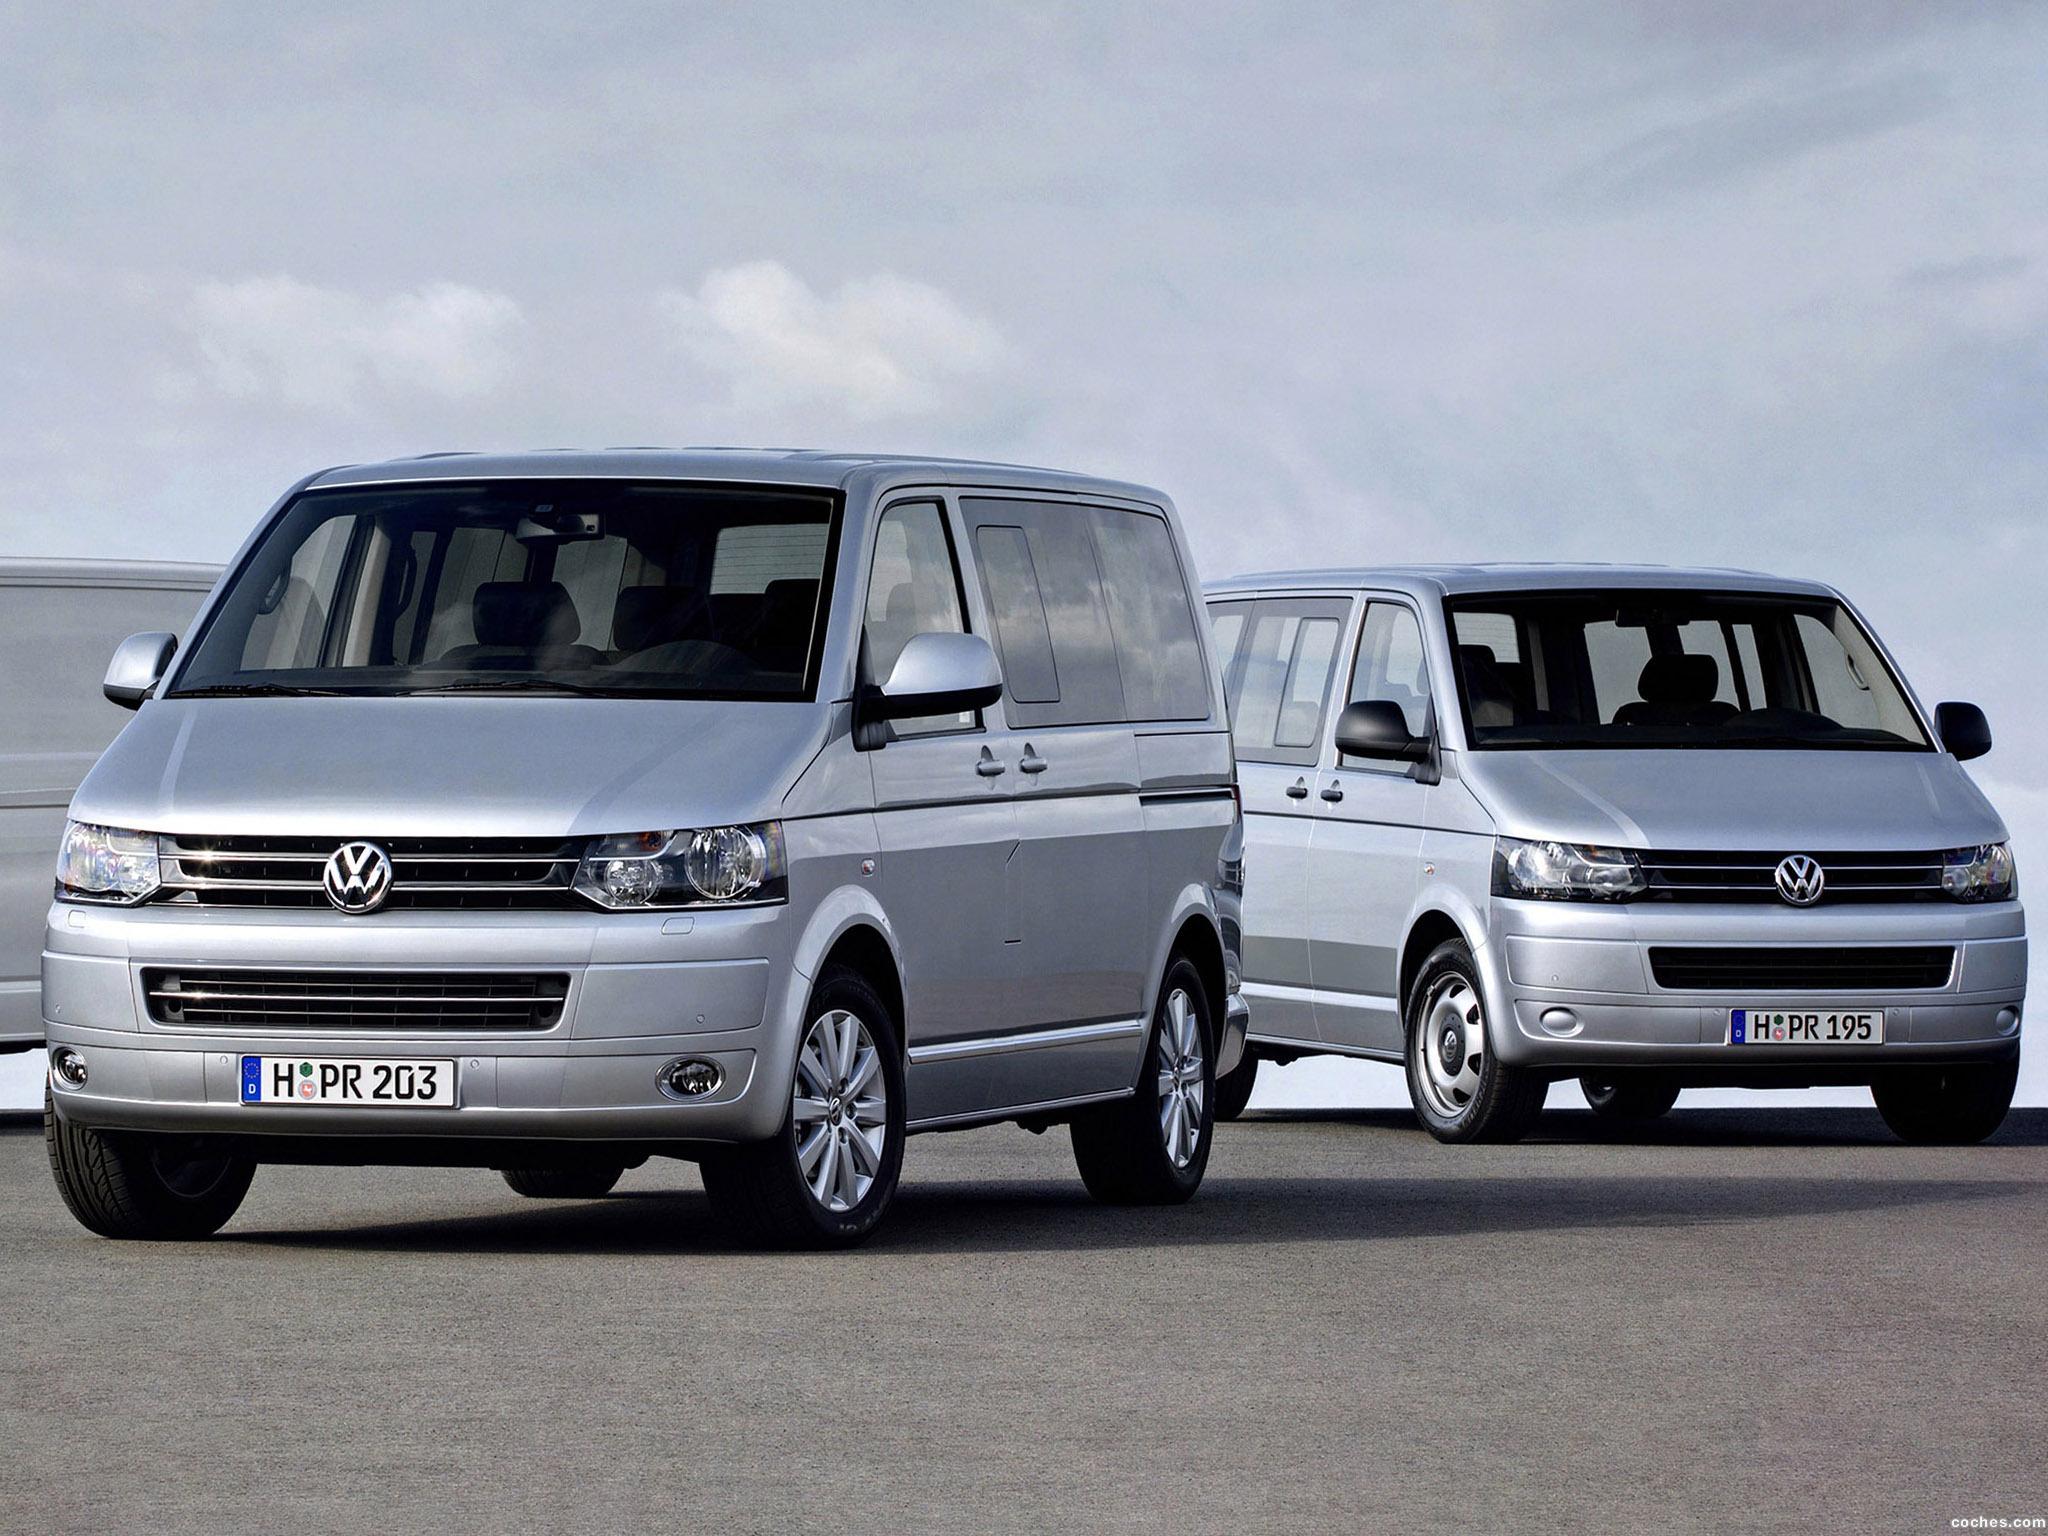 Foto 1 de Volkswagen Transporter T5 Facelift 2009